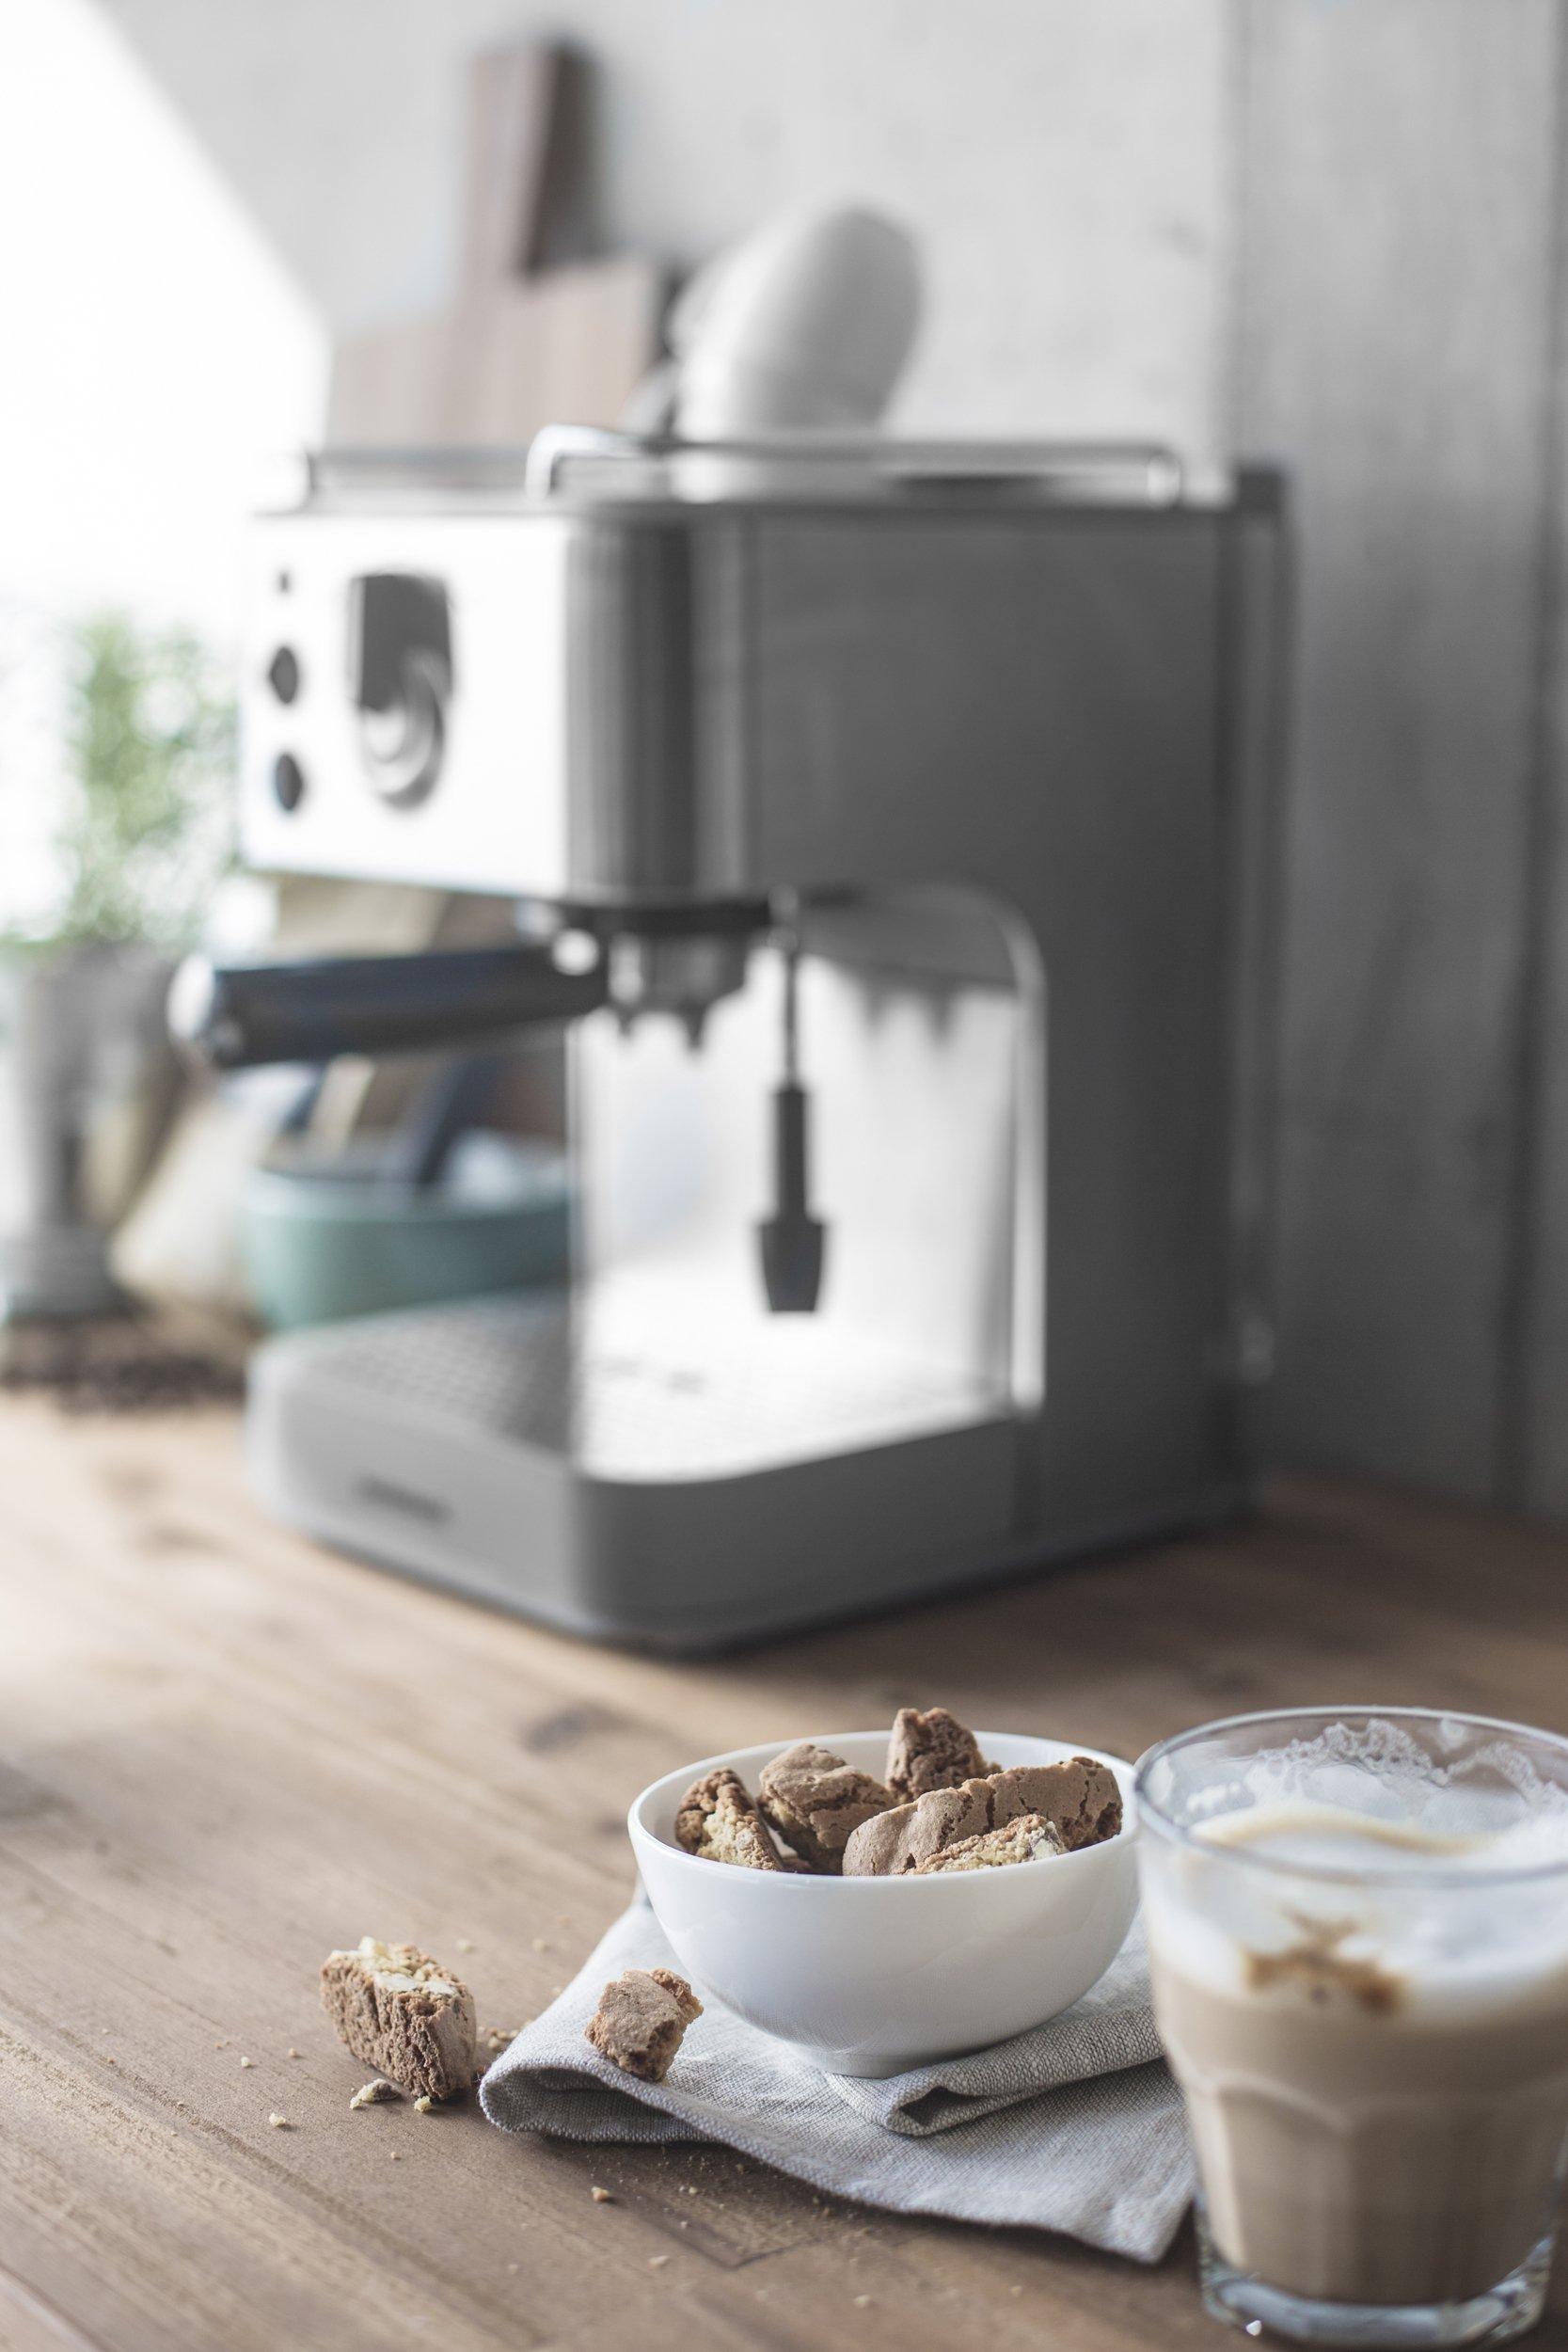 Gastroback 42606 Cafetera Espresso Puls, 1250 W, 1 Liter, 0 ...